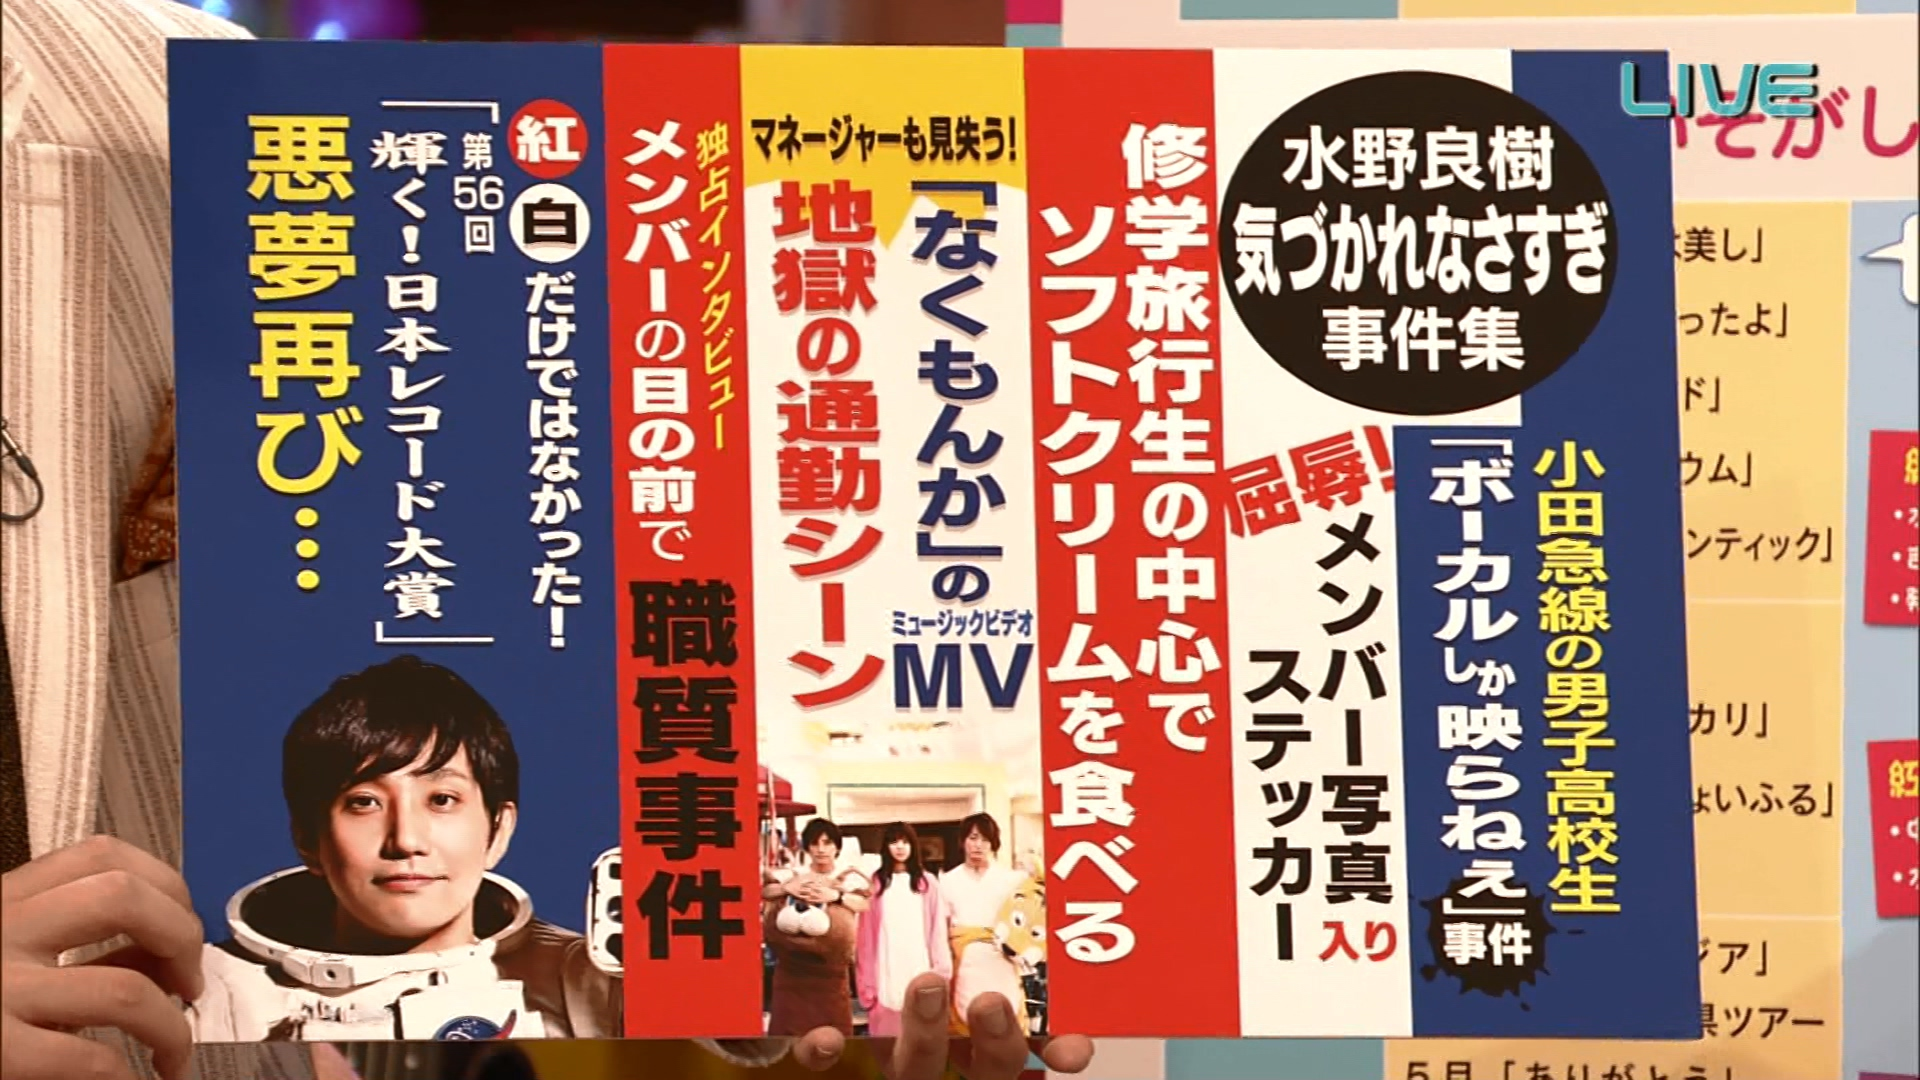 2016.03.20 いきものがかり - いきものがかりの10年がかり(MJ Presents).ts_20160321_015130.881